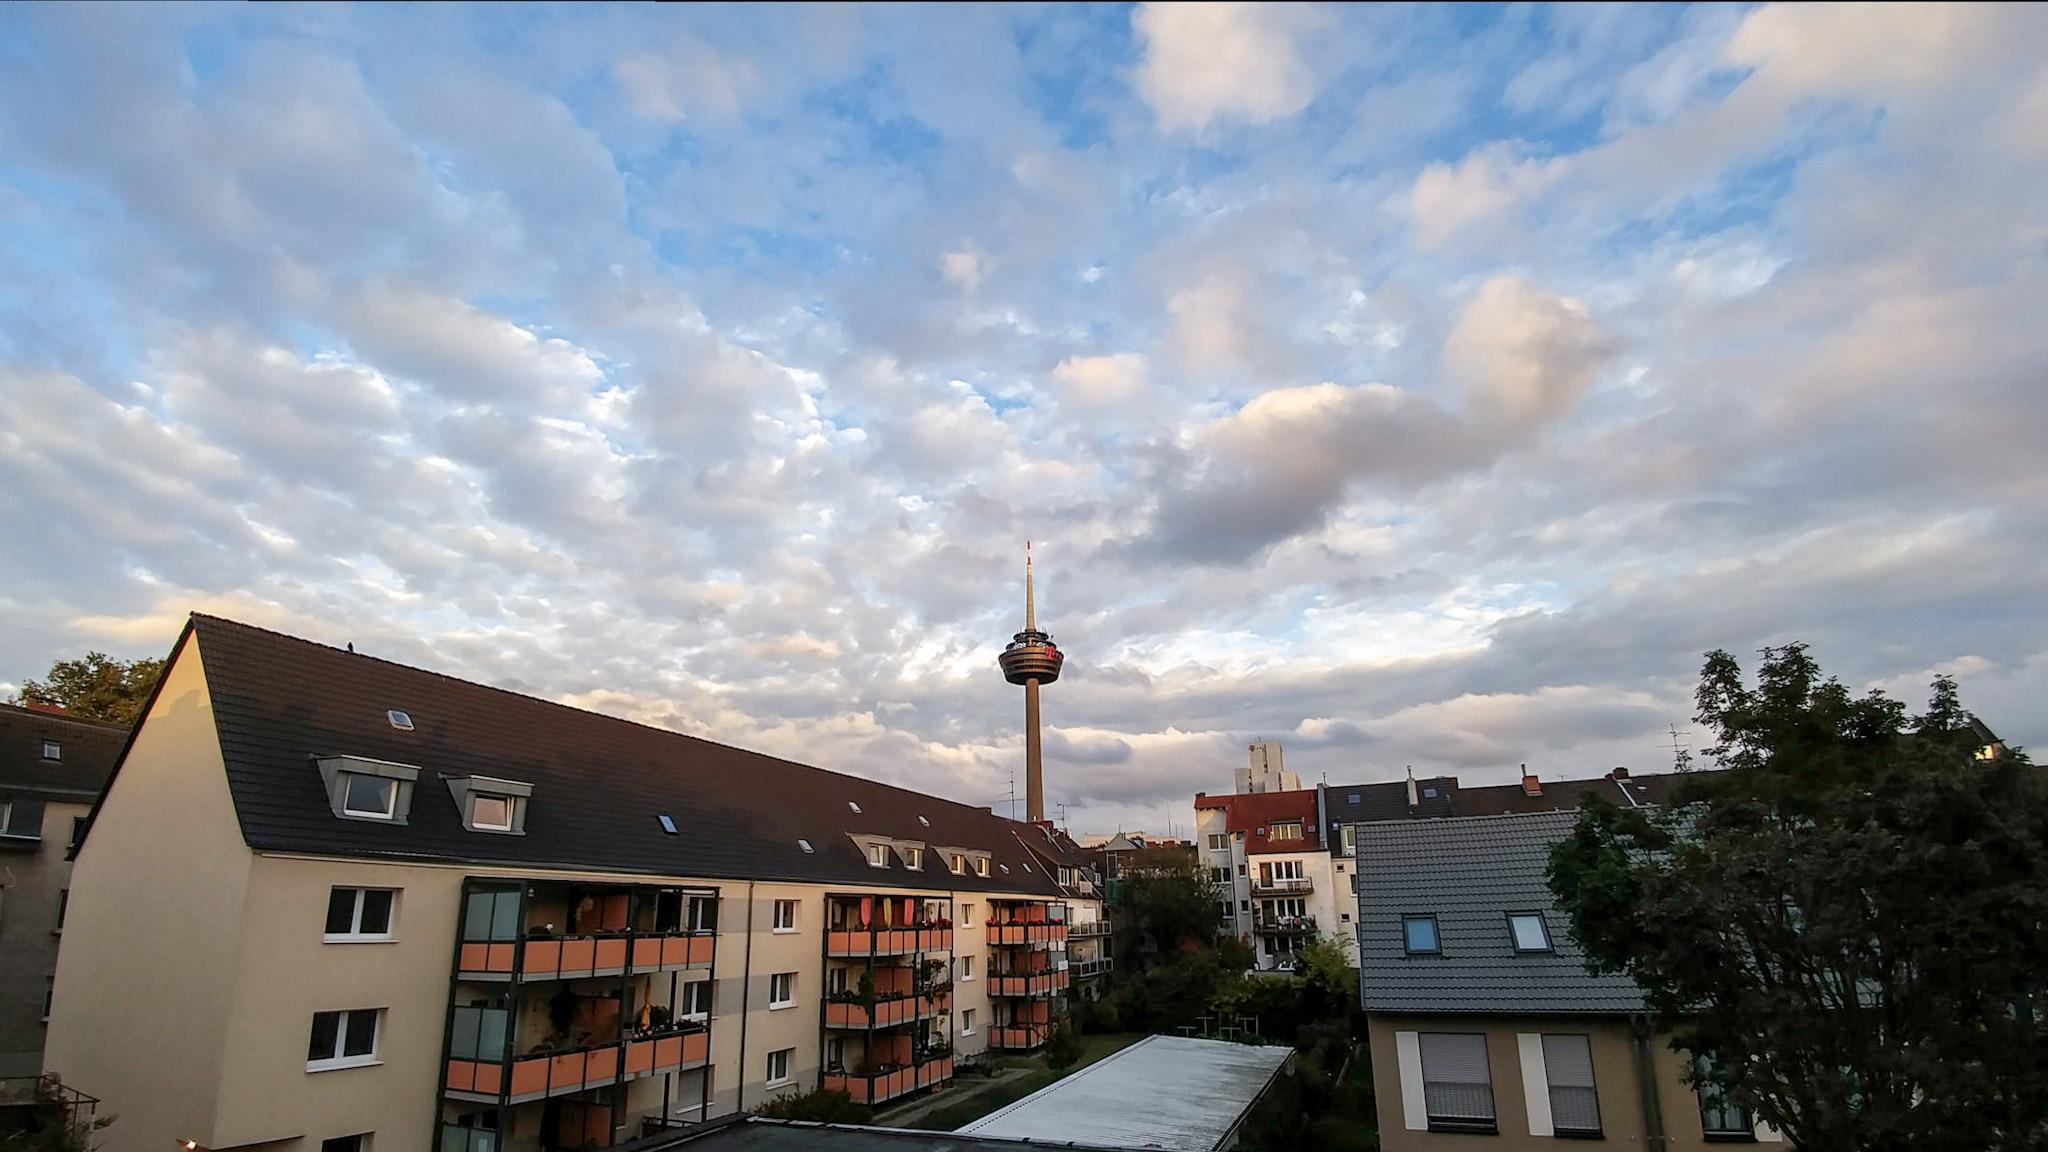 Bild vom Colonius in Ehrenfeld mit der Handykamera LG G5